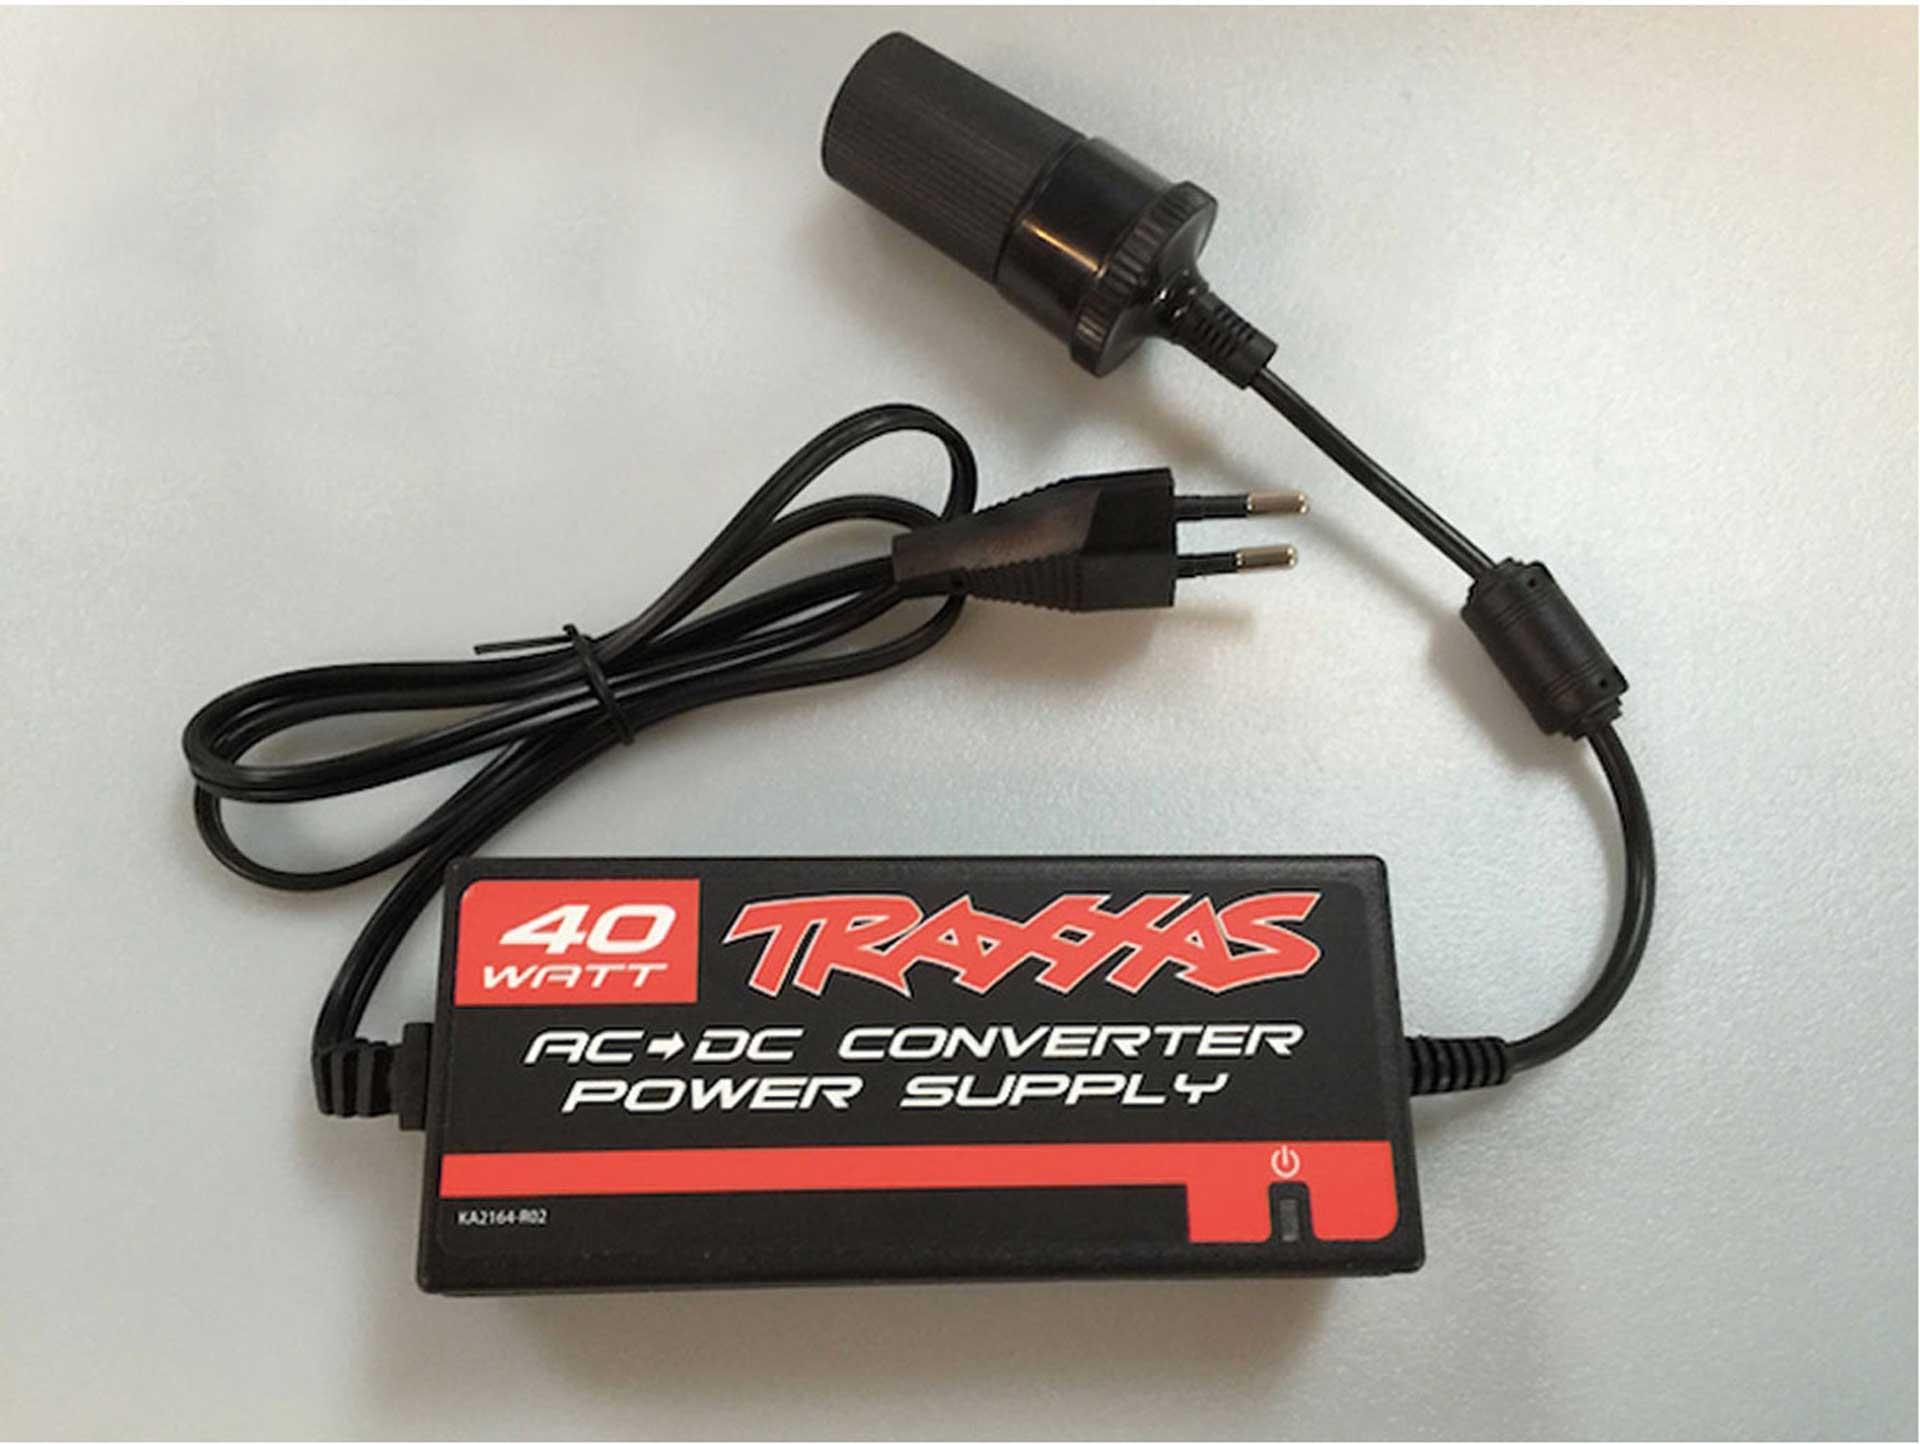 TRAXXAS AC->DC Adapter, 40W (Netzteil für 12V-Lader)